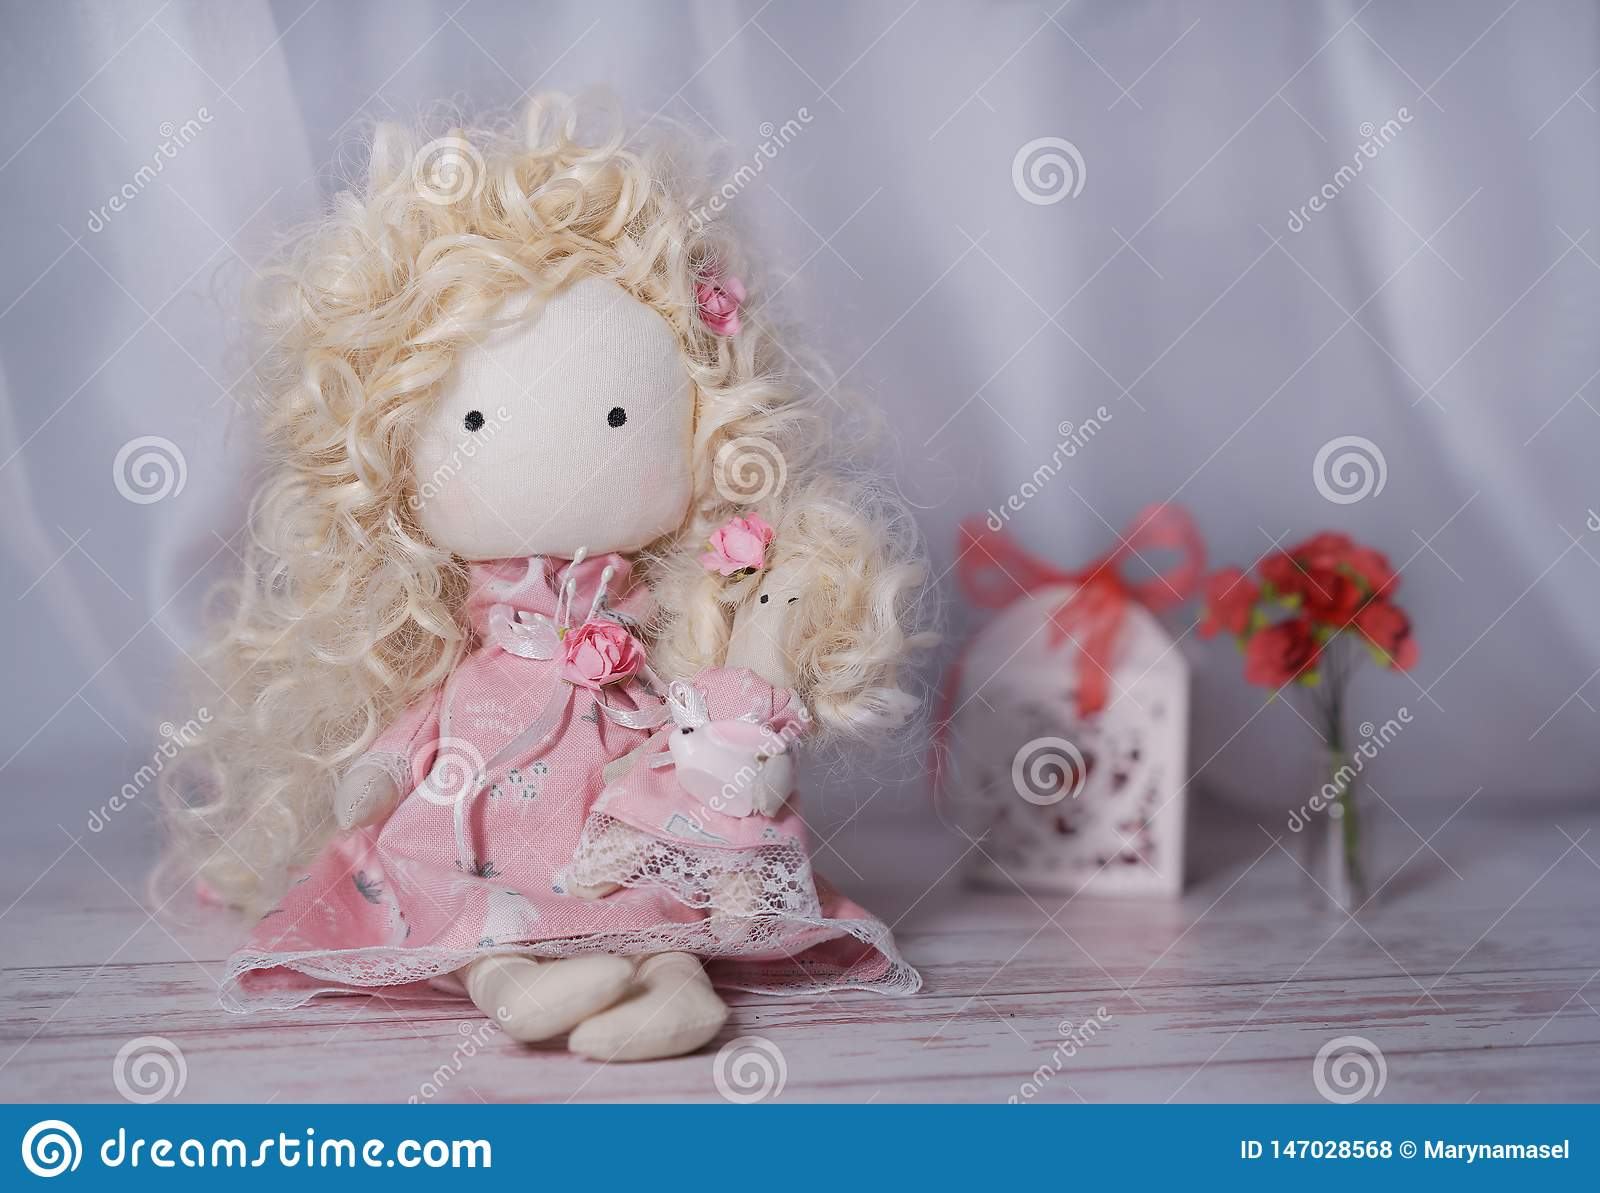 Boneca feito a mão em uma tabela de madeira branca com flores de papel e caixa de presente